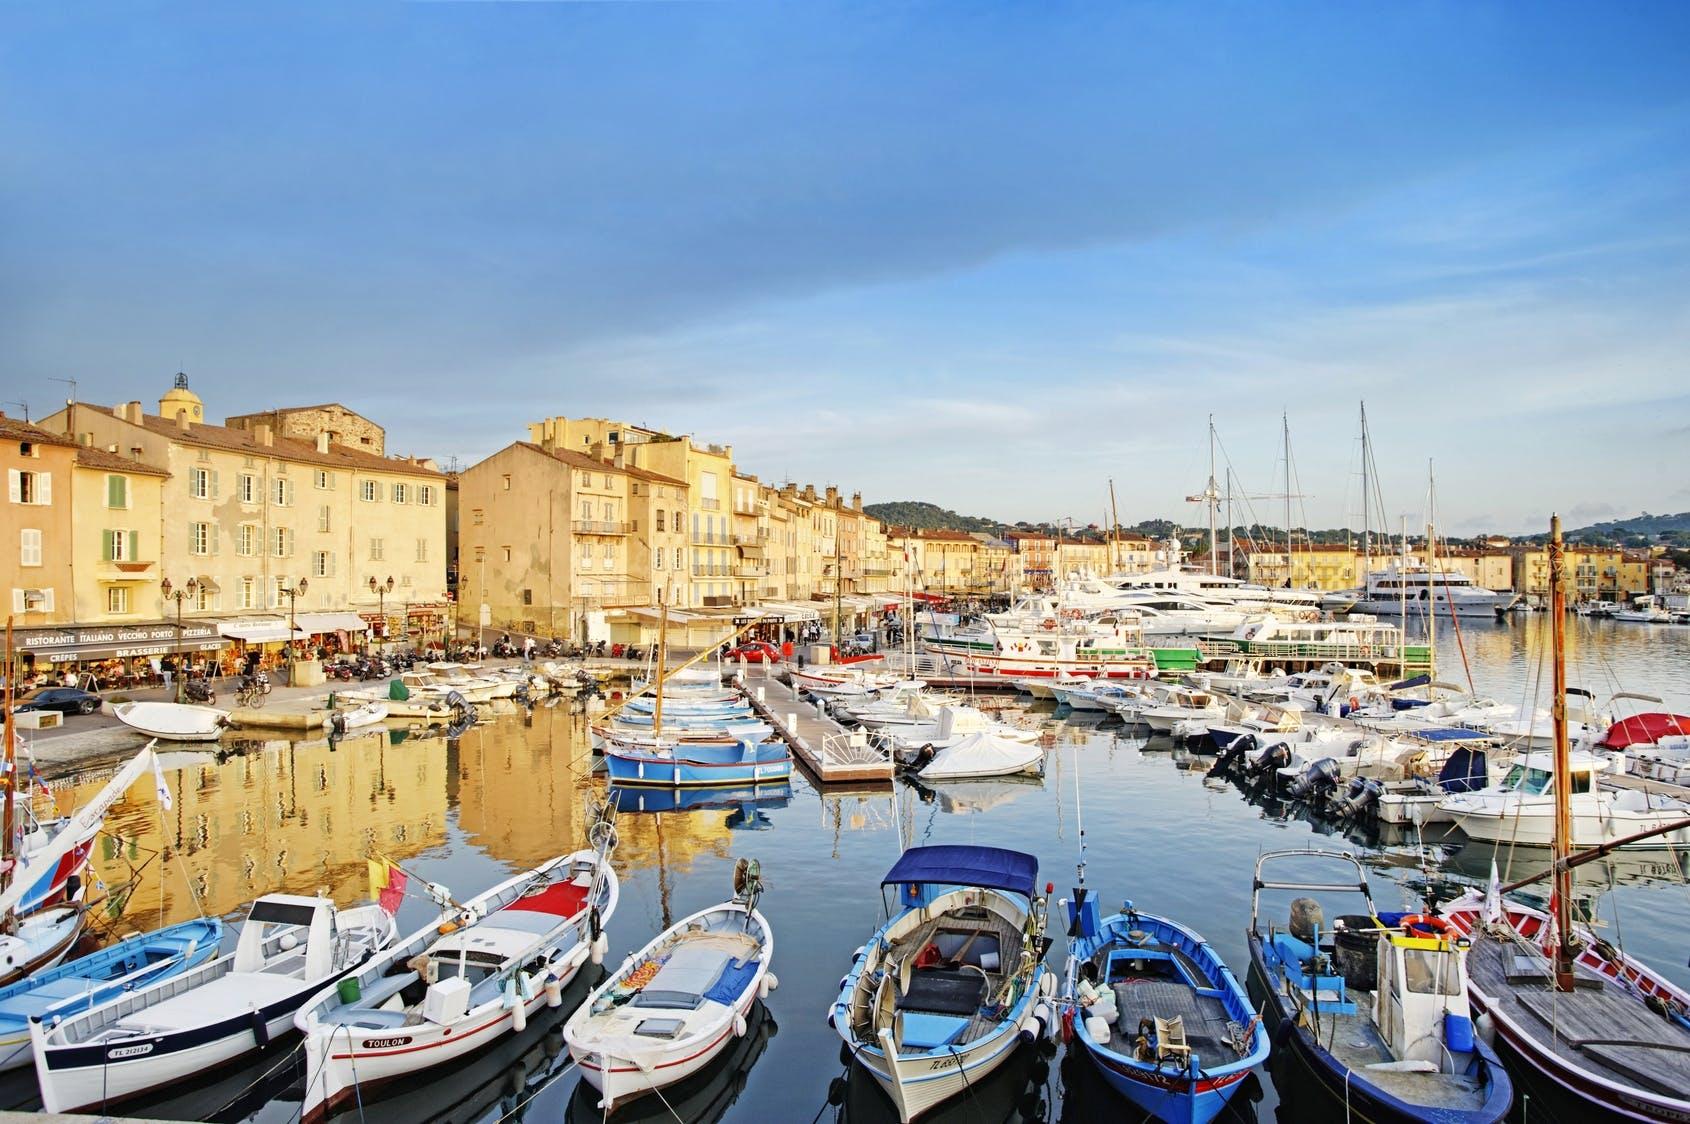 Salir de la ciudad,Tickets, museos, atracciones,Excursiones de un día,Entradas a atracciones principales,Tour por Niza